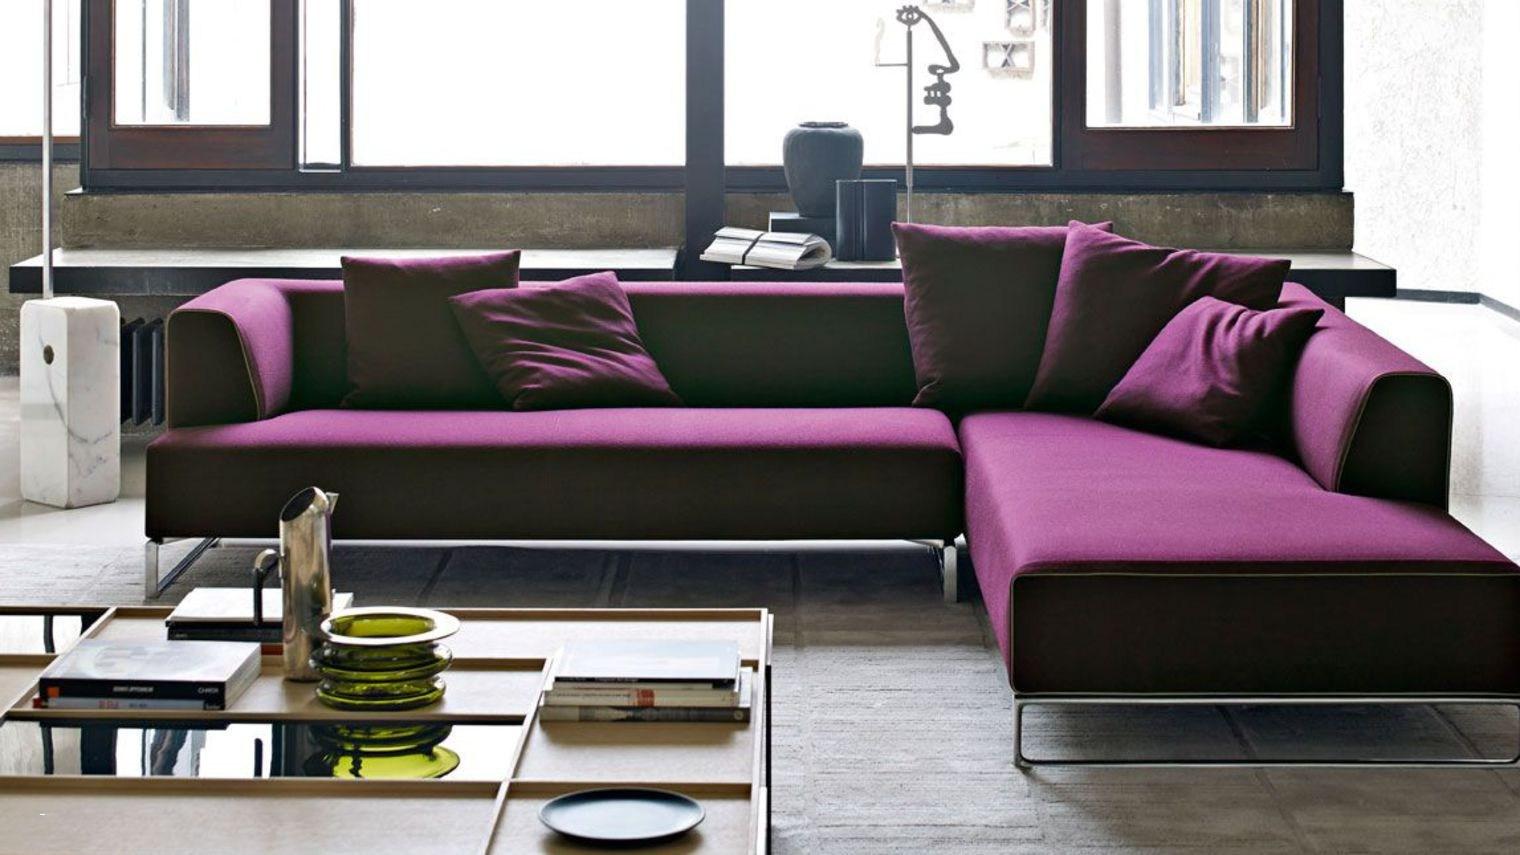 Canapé Italien Direct Usine Meilleur De Stock 27 Frais Canapé Haut De Gamme Design Design De Maison